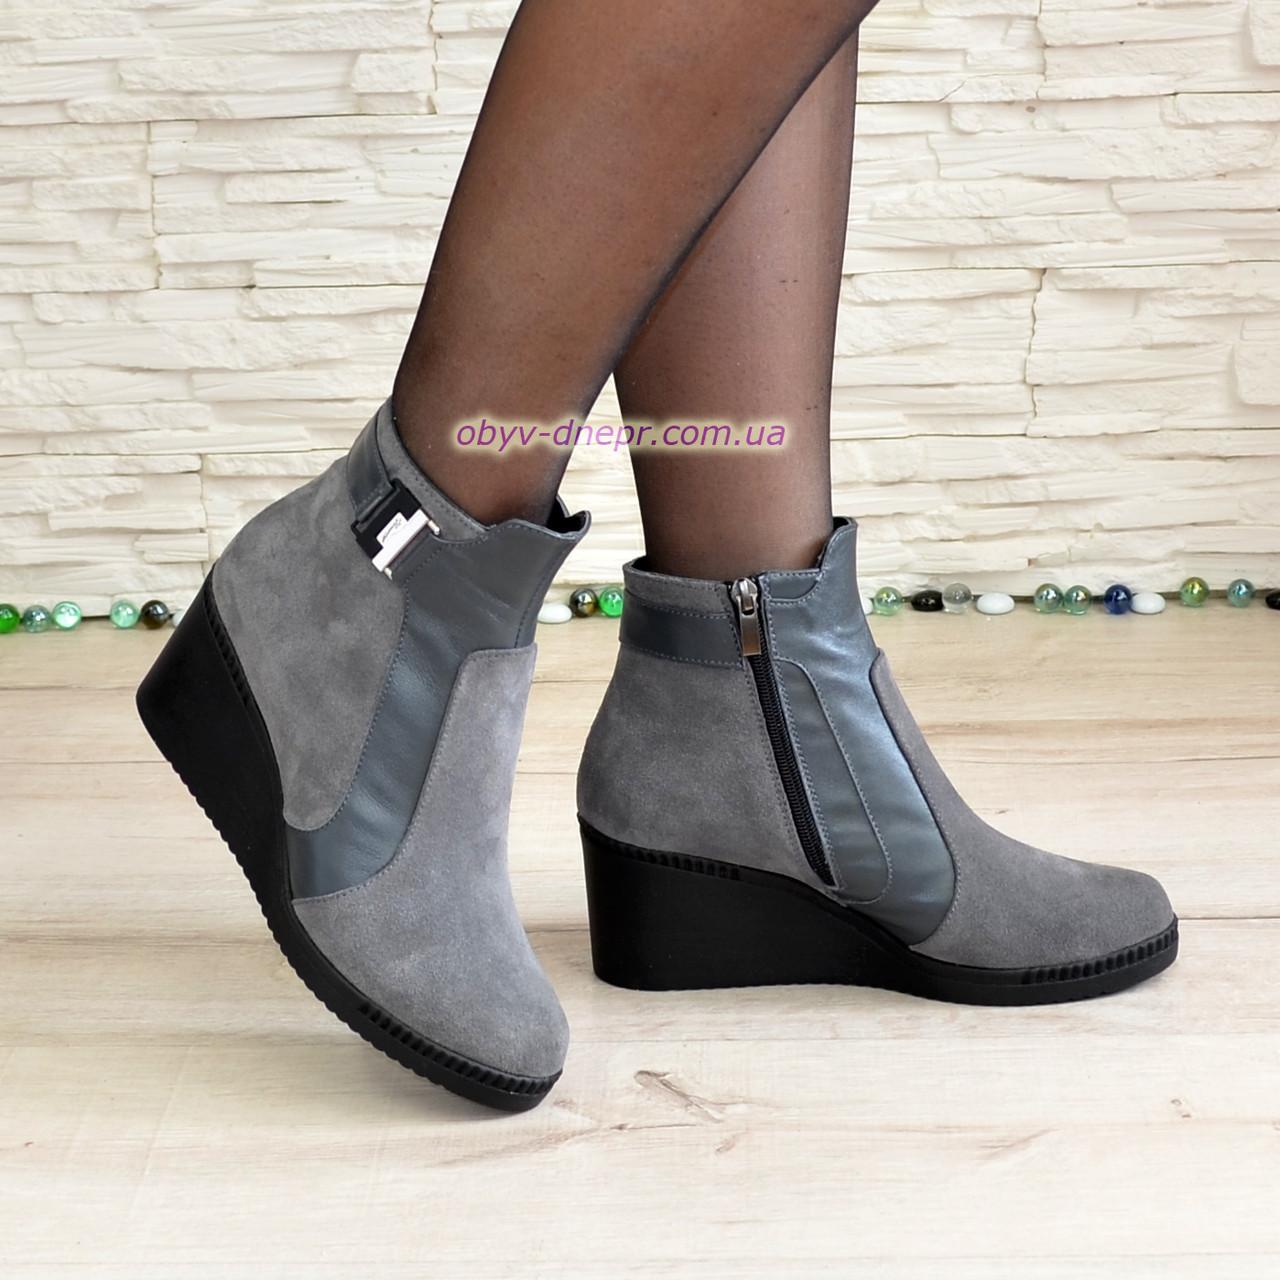 Ботинки женские демисезонные на платформе, натуральная замша и кожа серого цвета